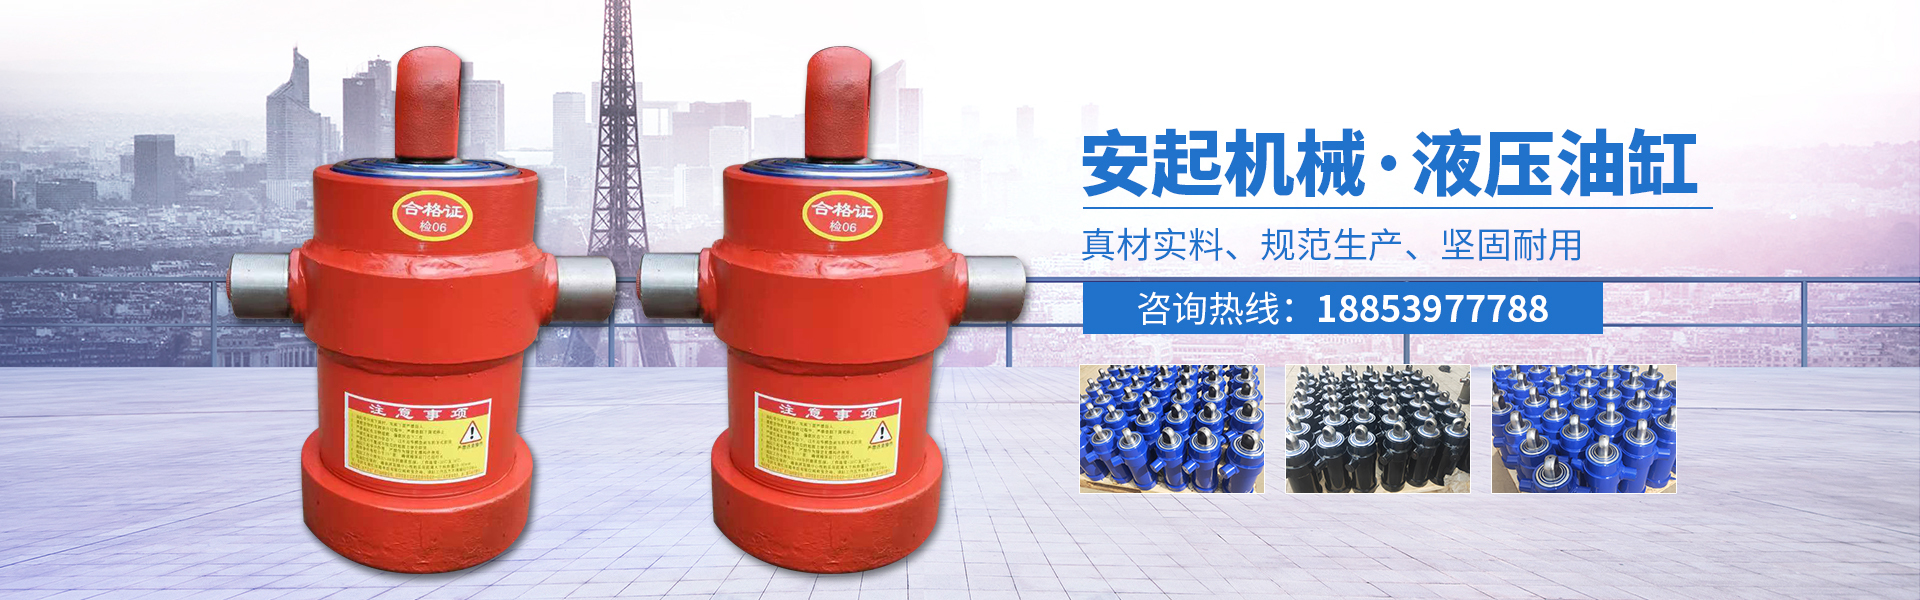 山东液压油缸厂家_大型油缸厂家-沂南县安起液压机械有限公司